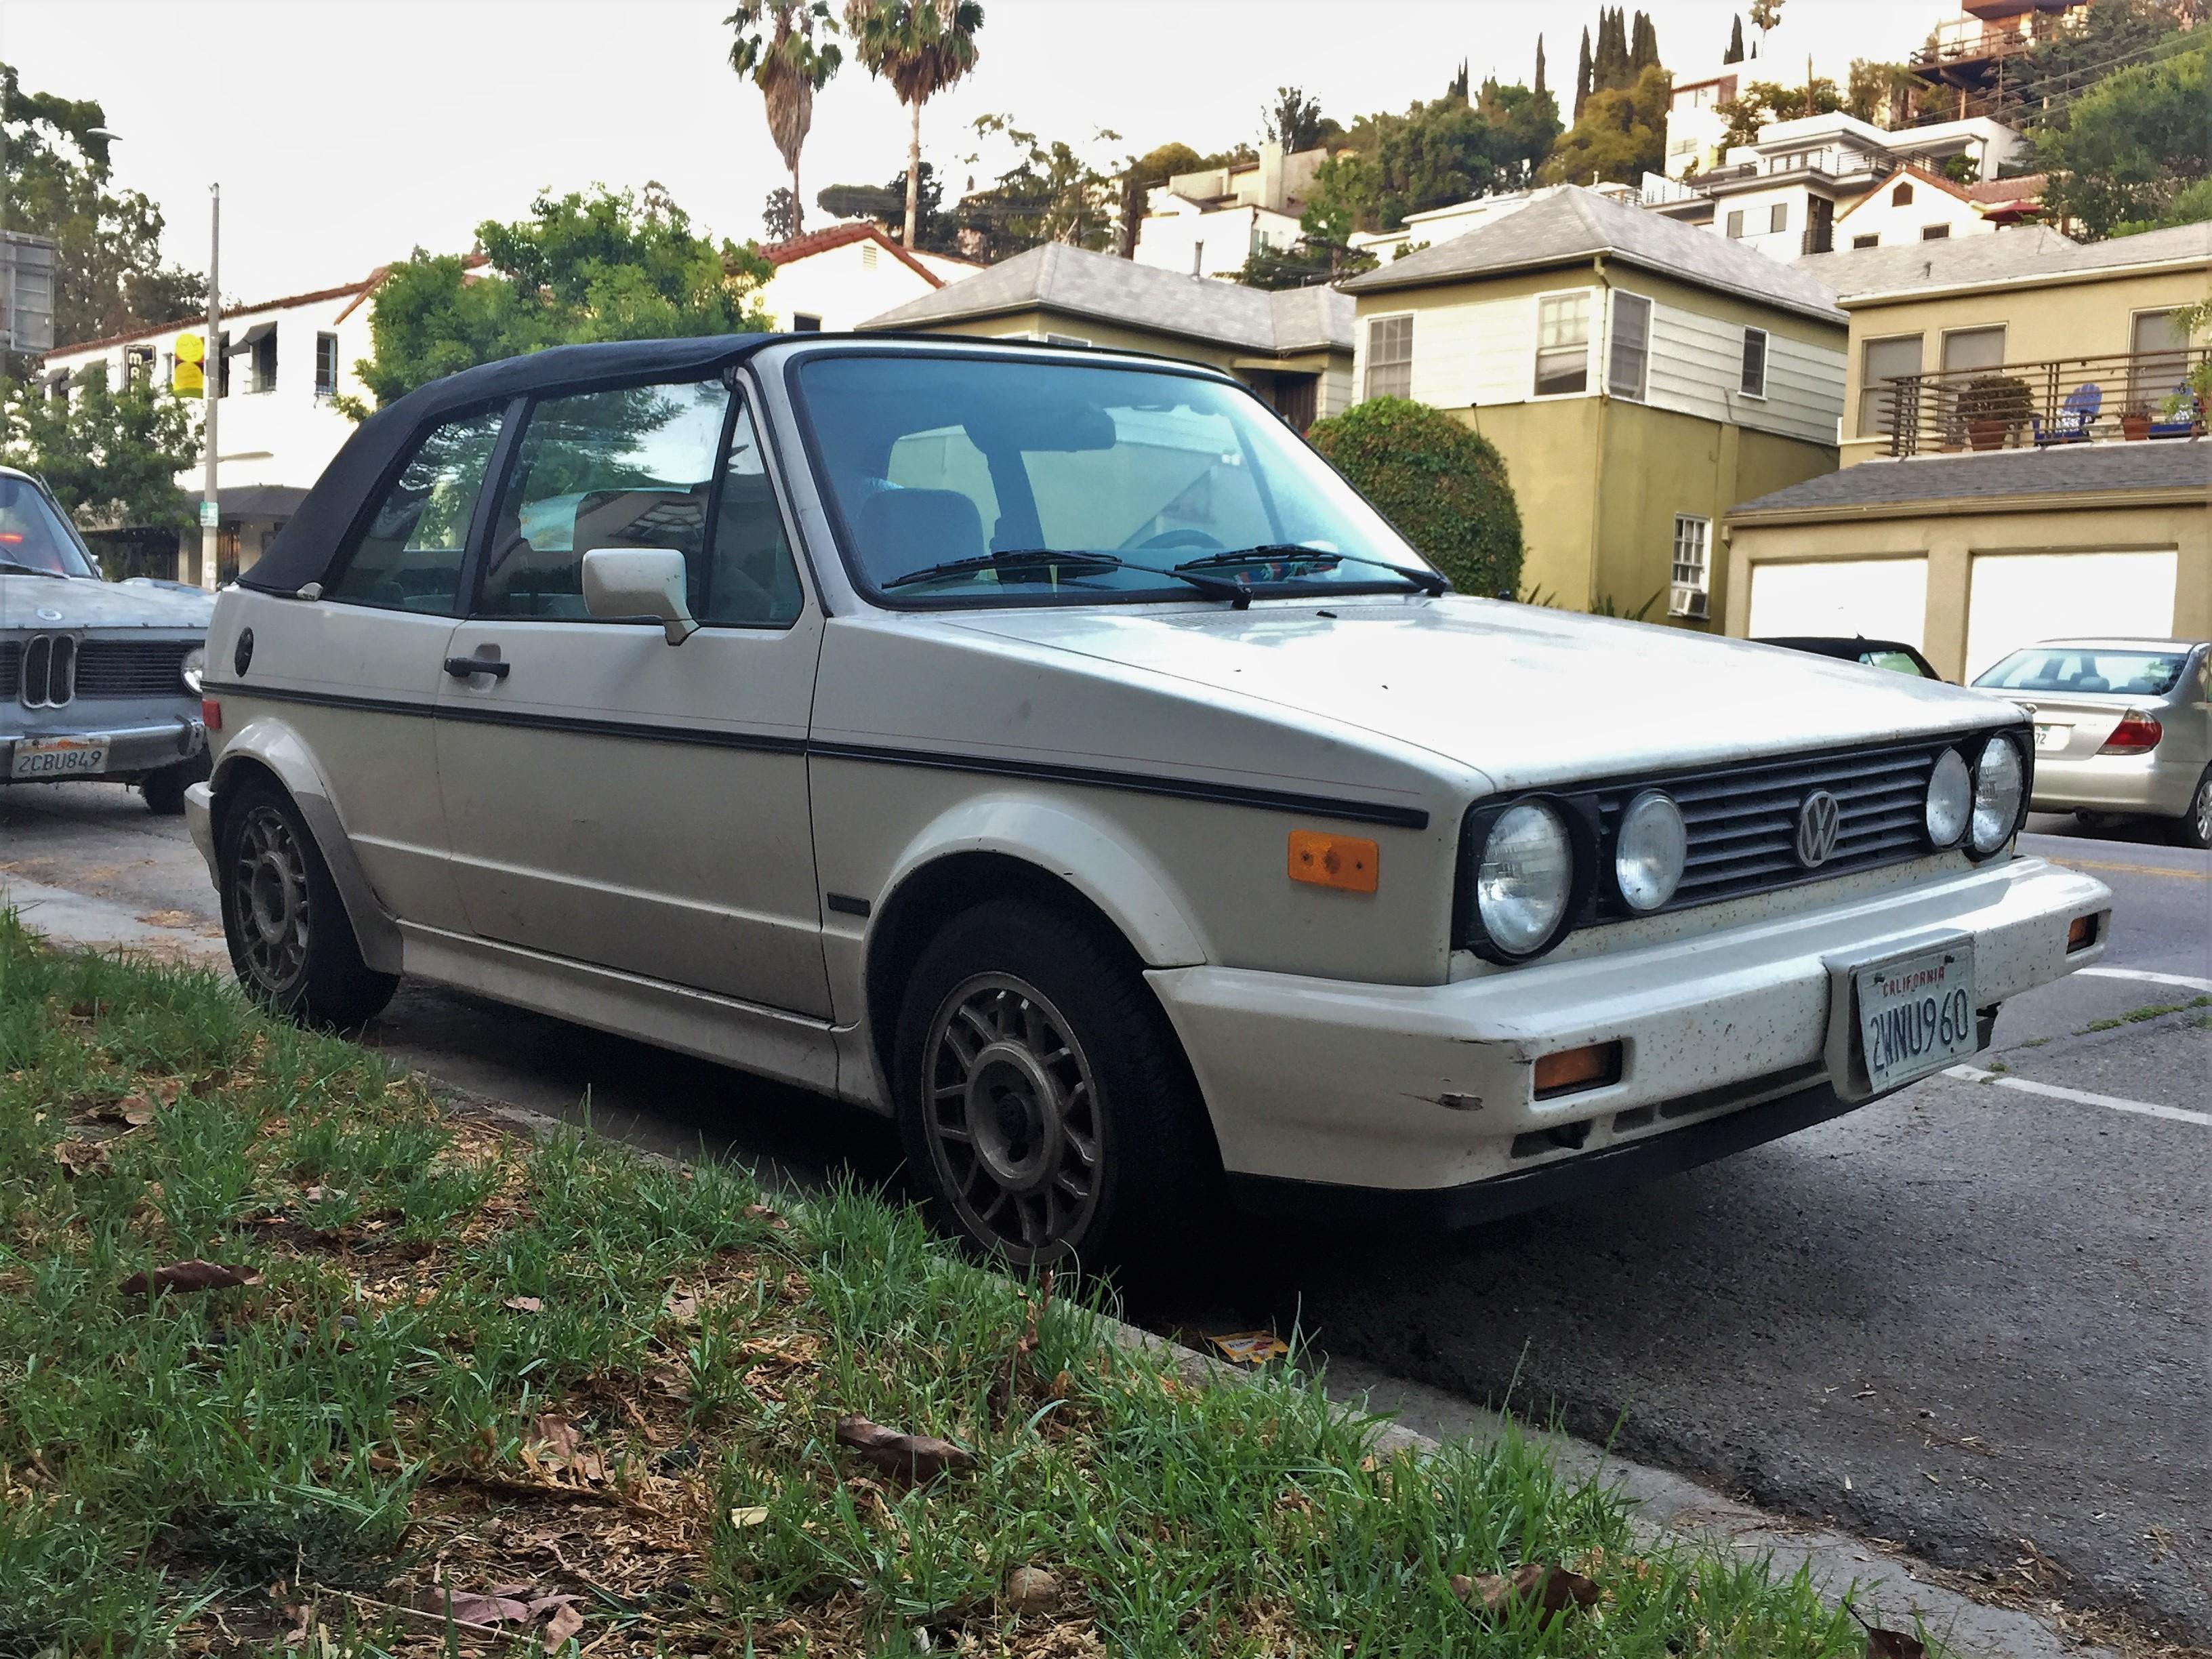 1989 volkswagen cabriolet la car spotting. Black Bedroom Furniture Sets. Home Design Ideas